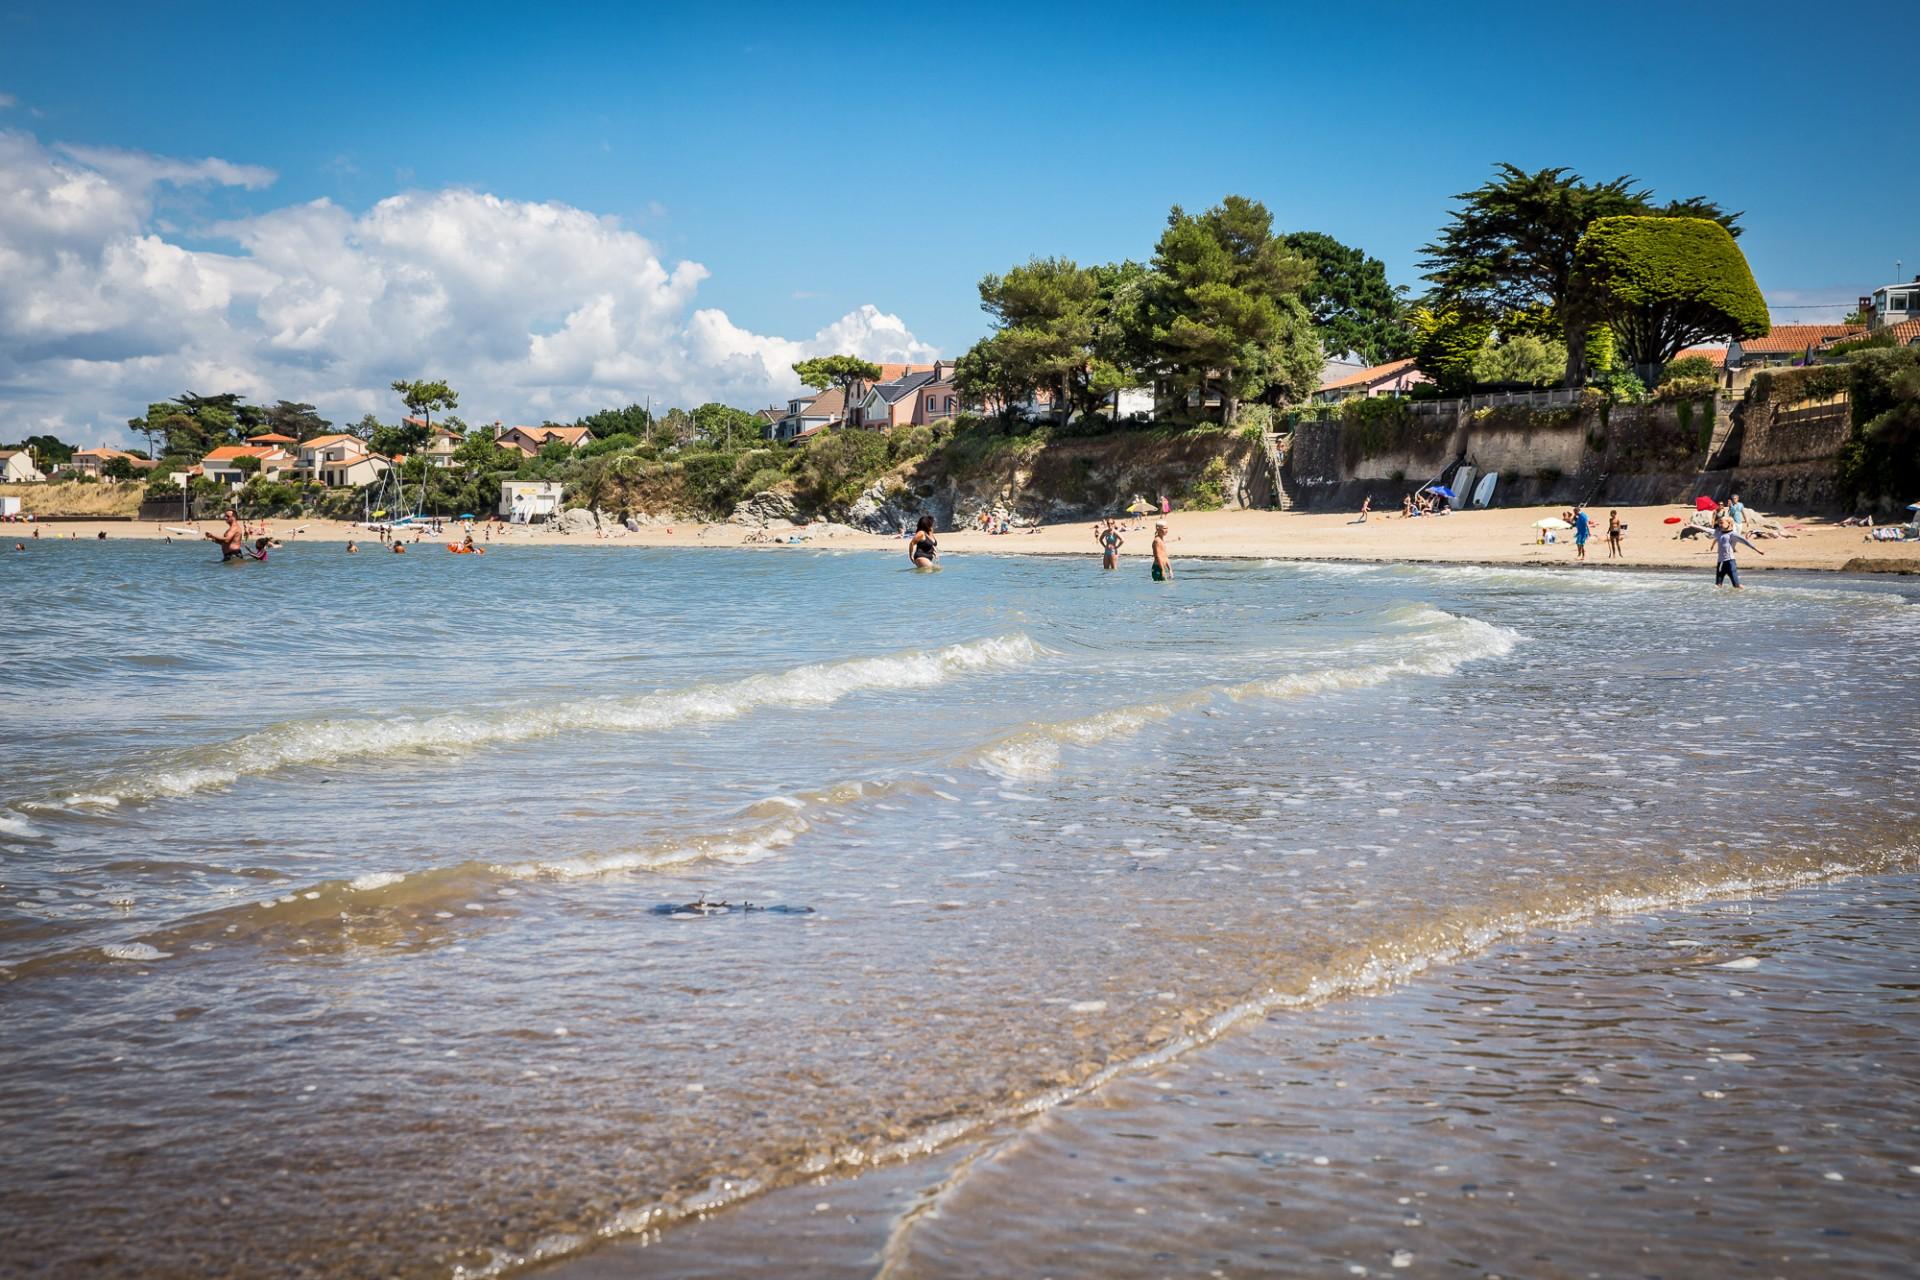 la-plaine-sur-mer-1-melanie-chaigneau-16242